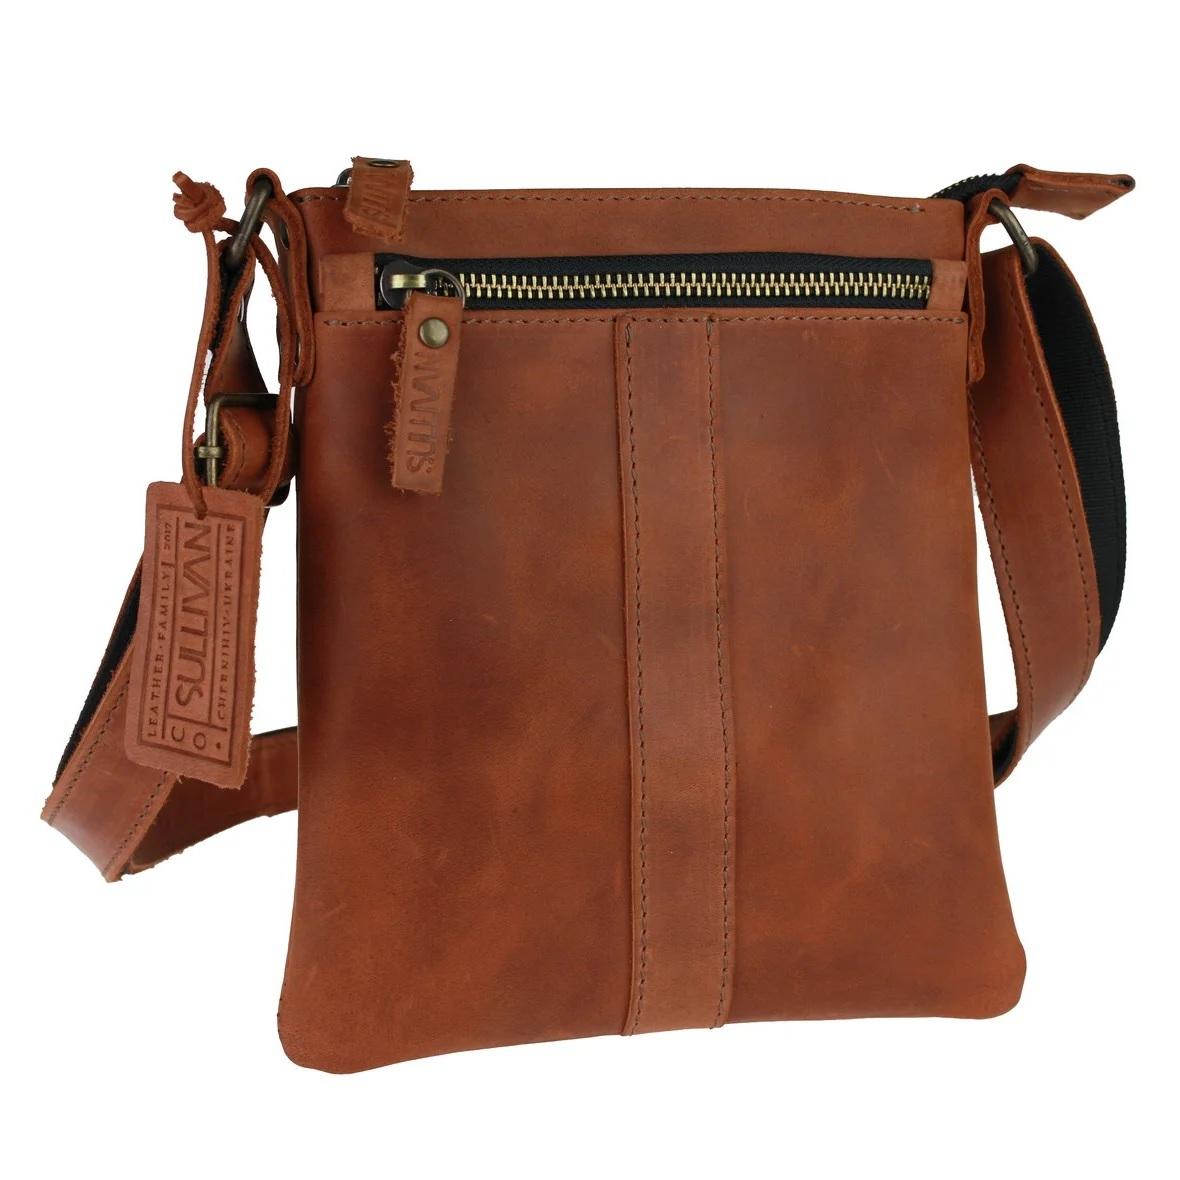 Тонкая мужская сумка «Sullivan» ручной работы из винтажной кожи рыжего цвета купить. Цена 1390 грн